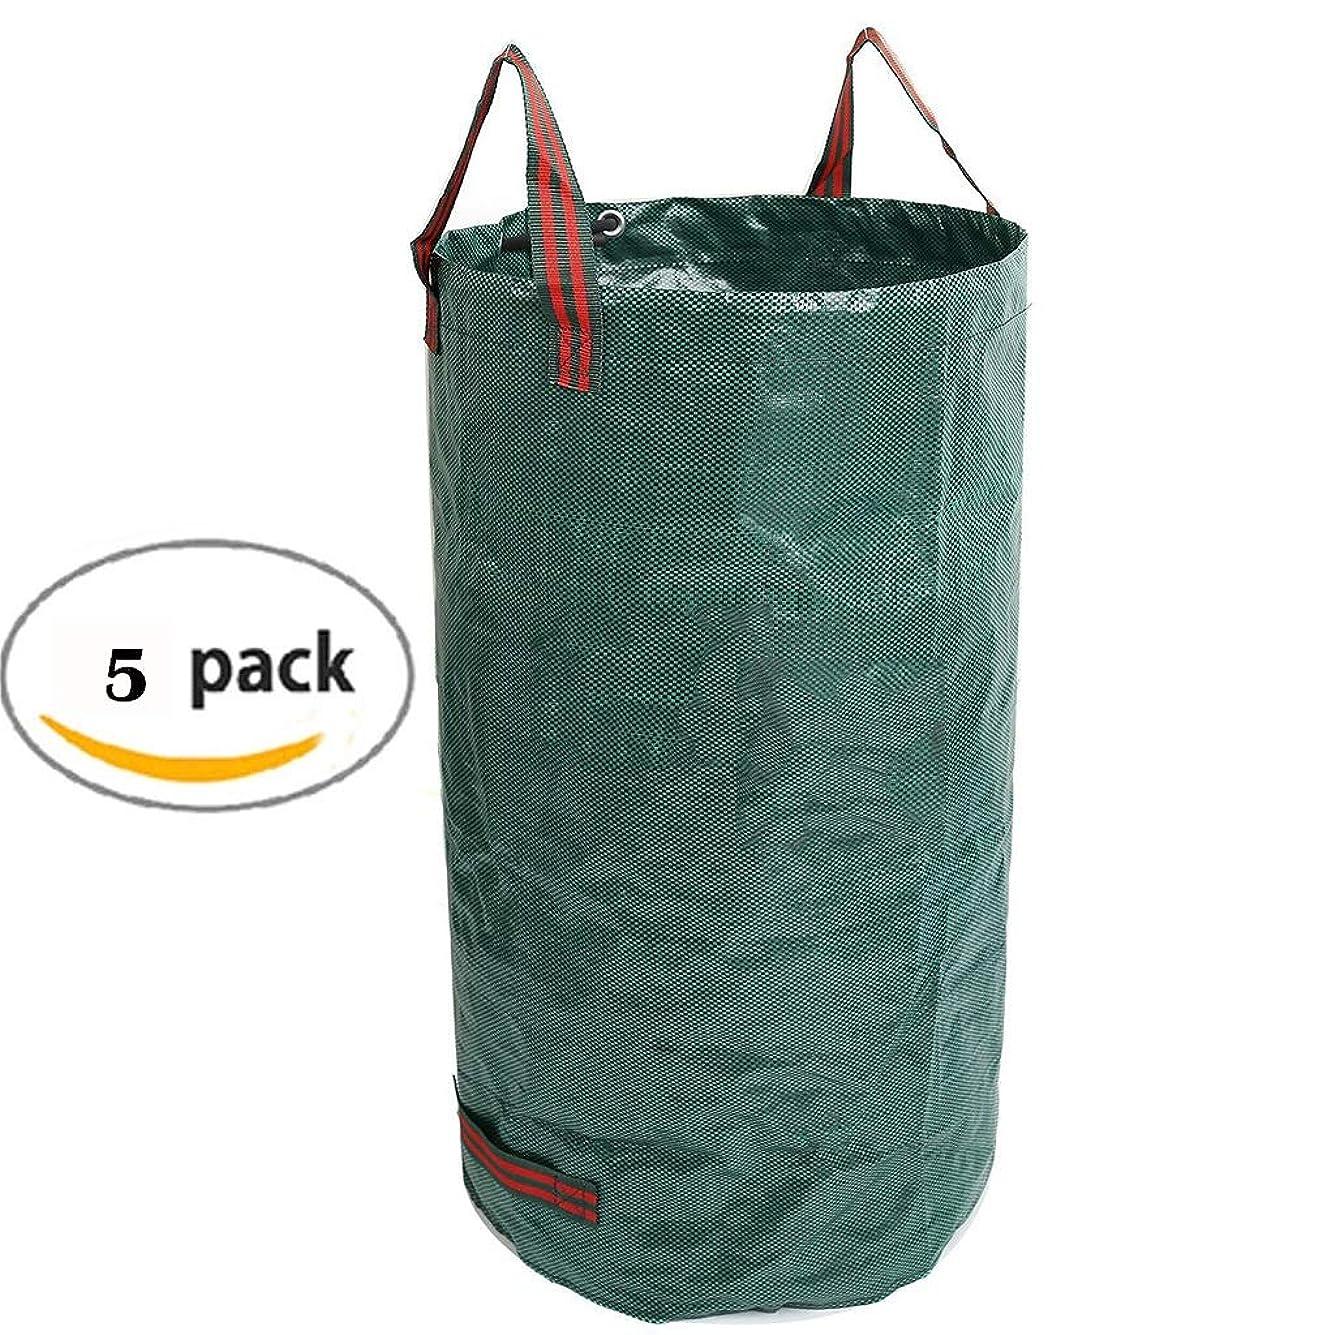 松アイデア恩赦YLIAN 庭のゴミ袋 リーフグラスバッグガーデンゴミ袋ハンドル丈夫な引き裂き強度防水折りたたみ式再利用可能葉雑草120L(5パック)